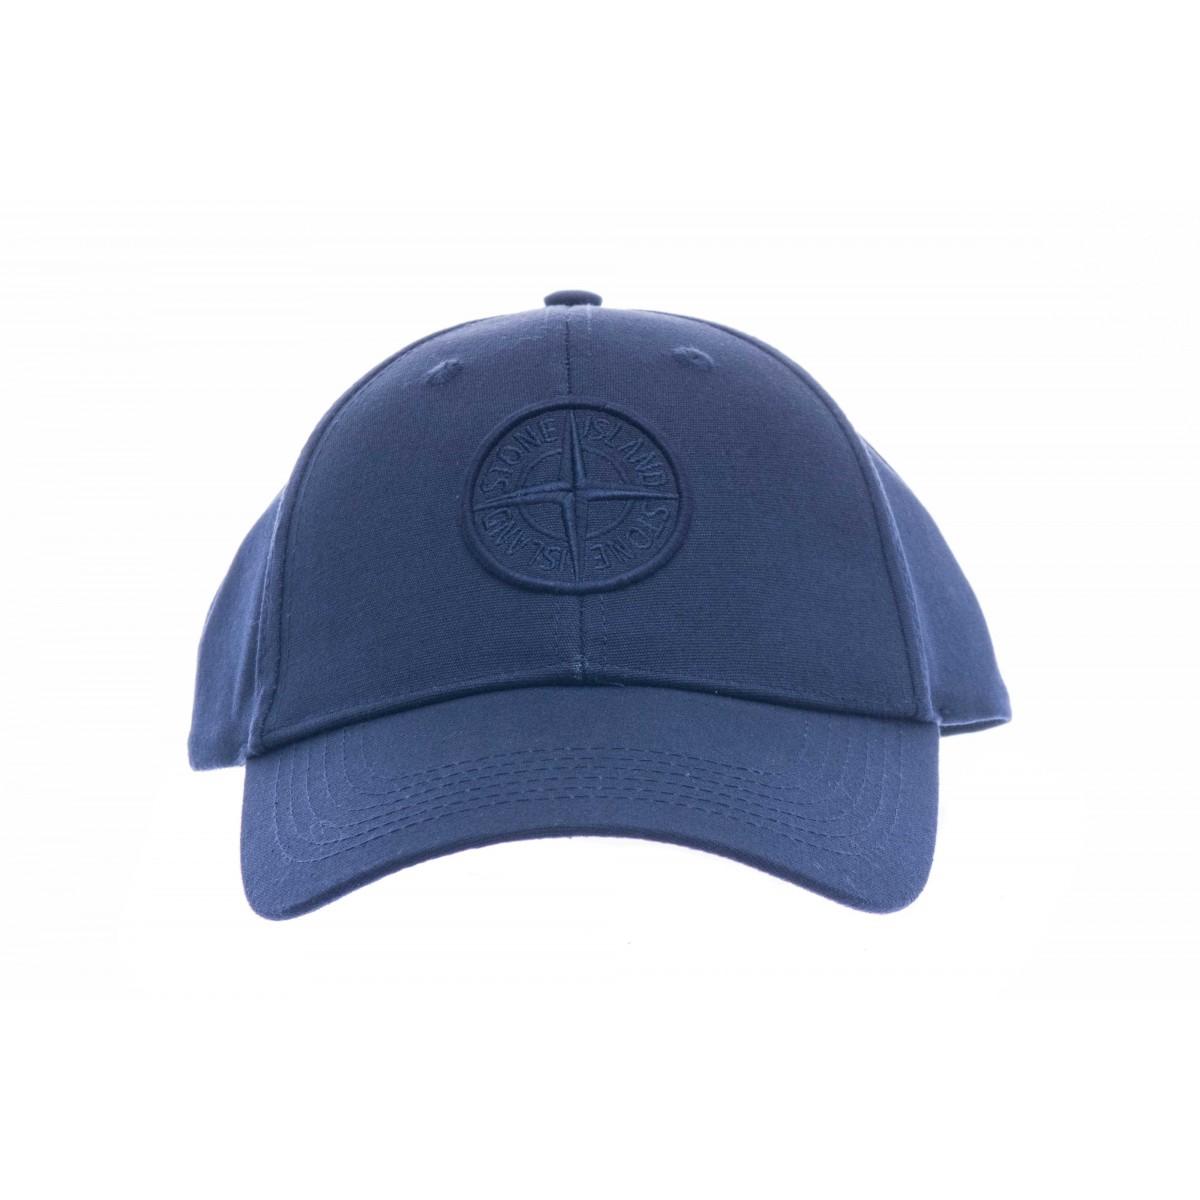 Cappello - 99168 cappellino baseball